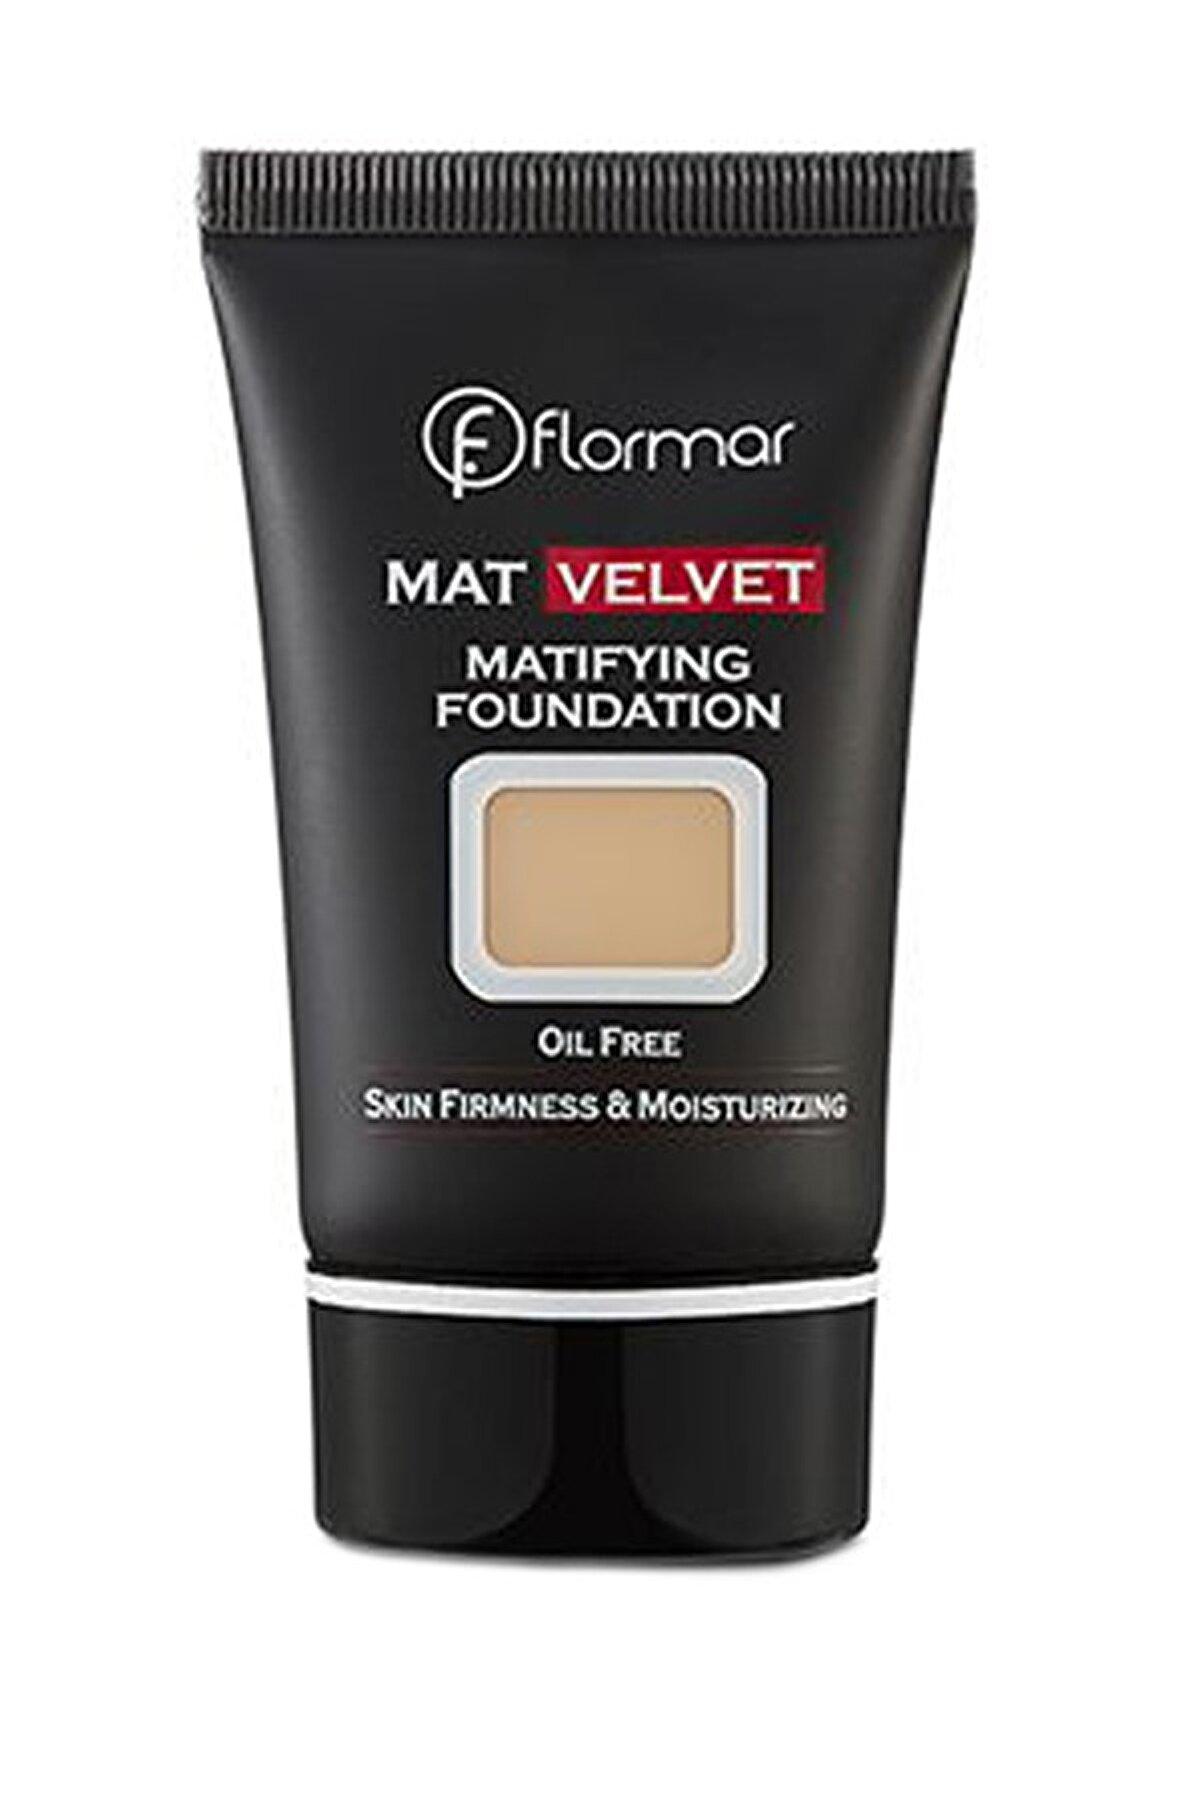 Flormar Fondöten - Mat Velvet Matifying Foundation V203 8690604130542